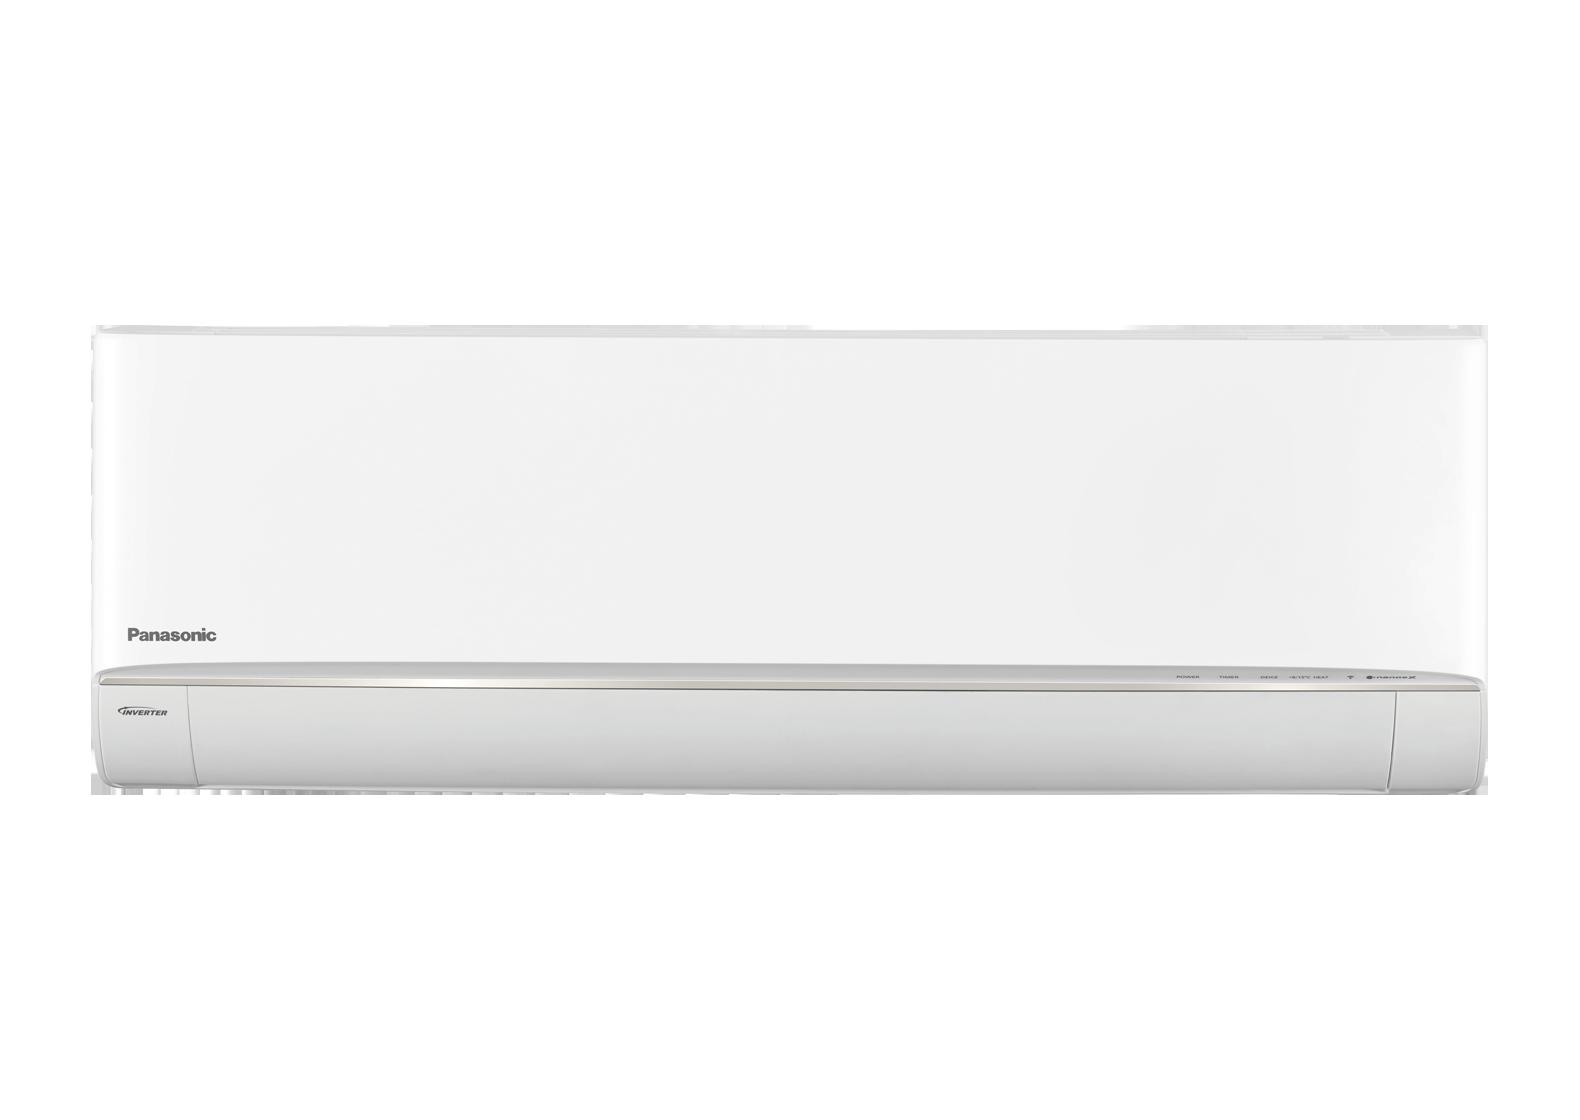 Vaikne ja võimekas Panasonic KIT-HZ25-WKE soojuspump - tule vali